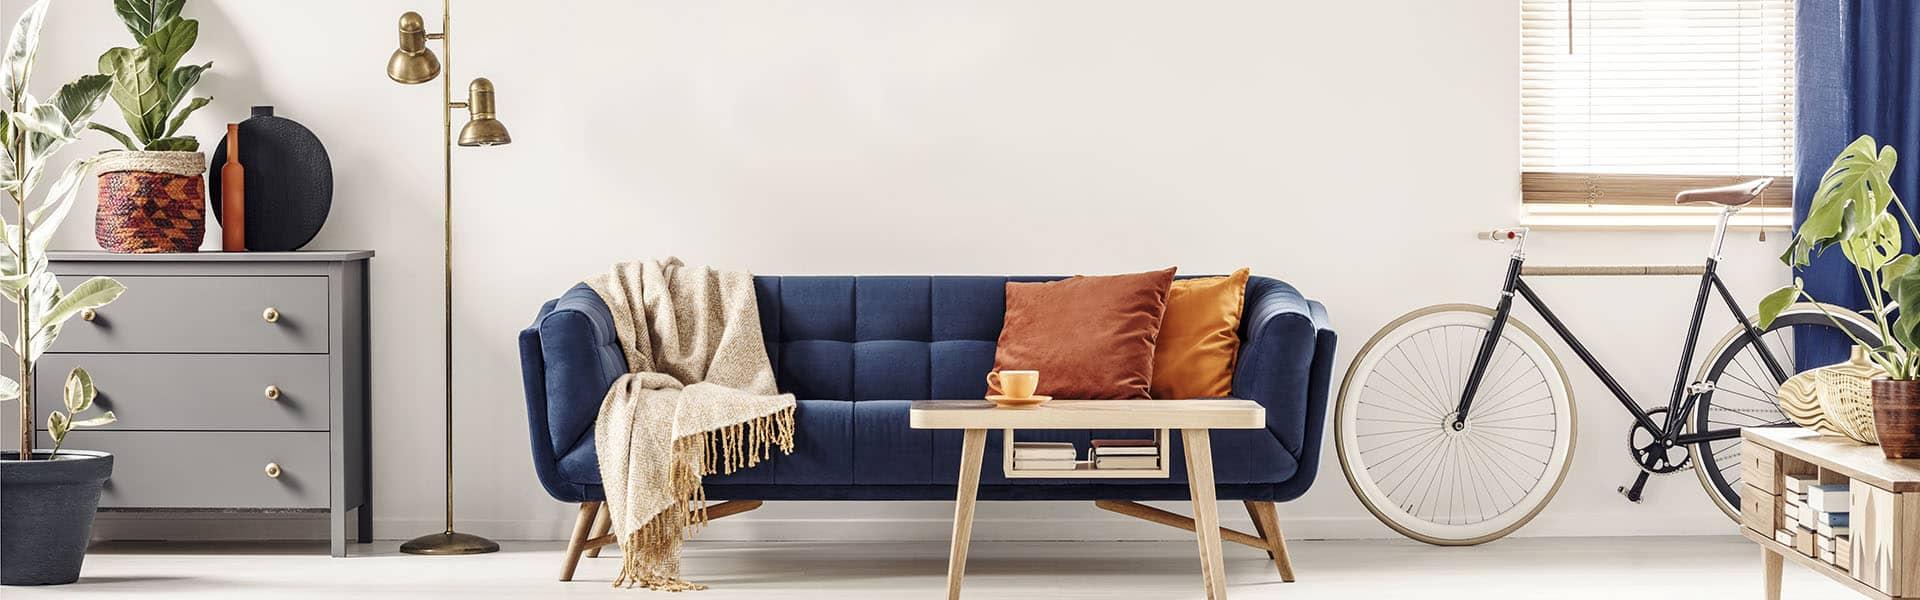 Deco Petit Salon Appartement meubles d'occasion à petits prix près de chez vous | izidore